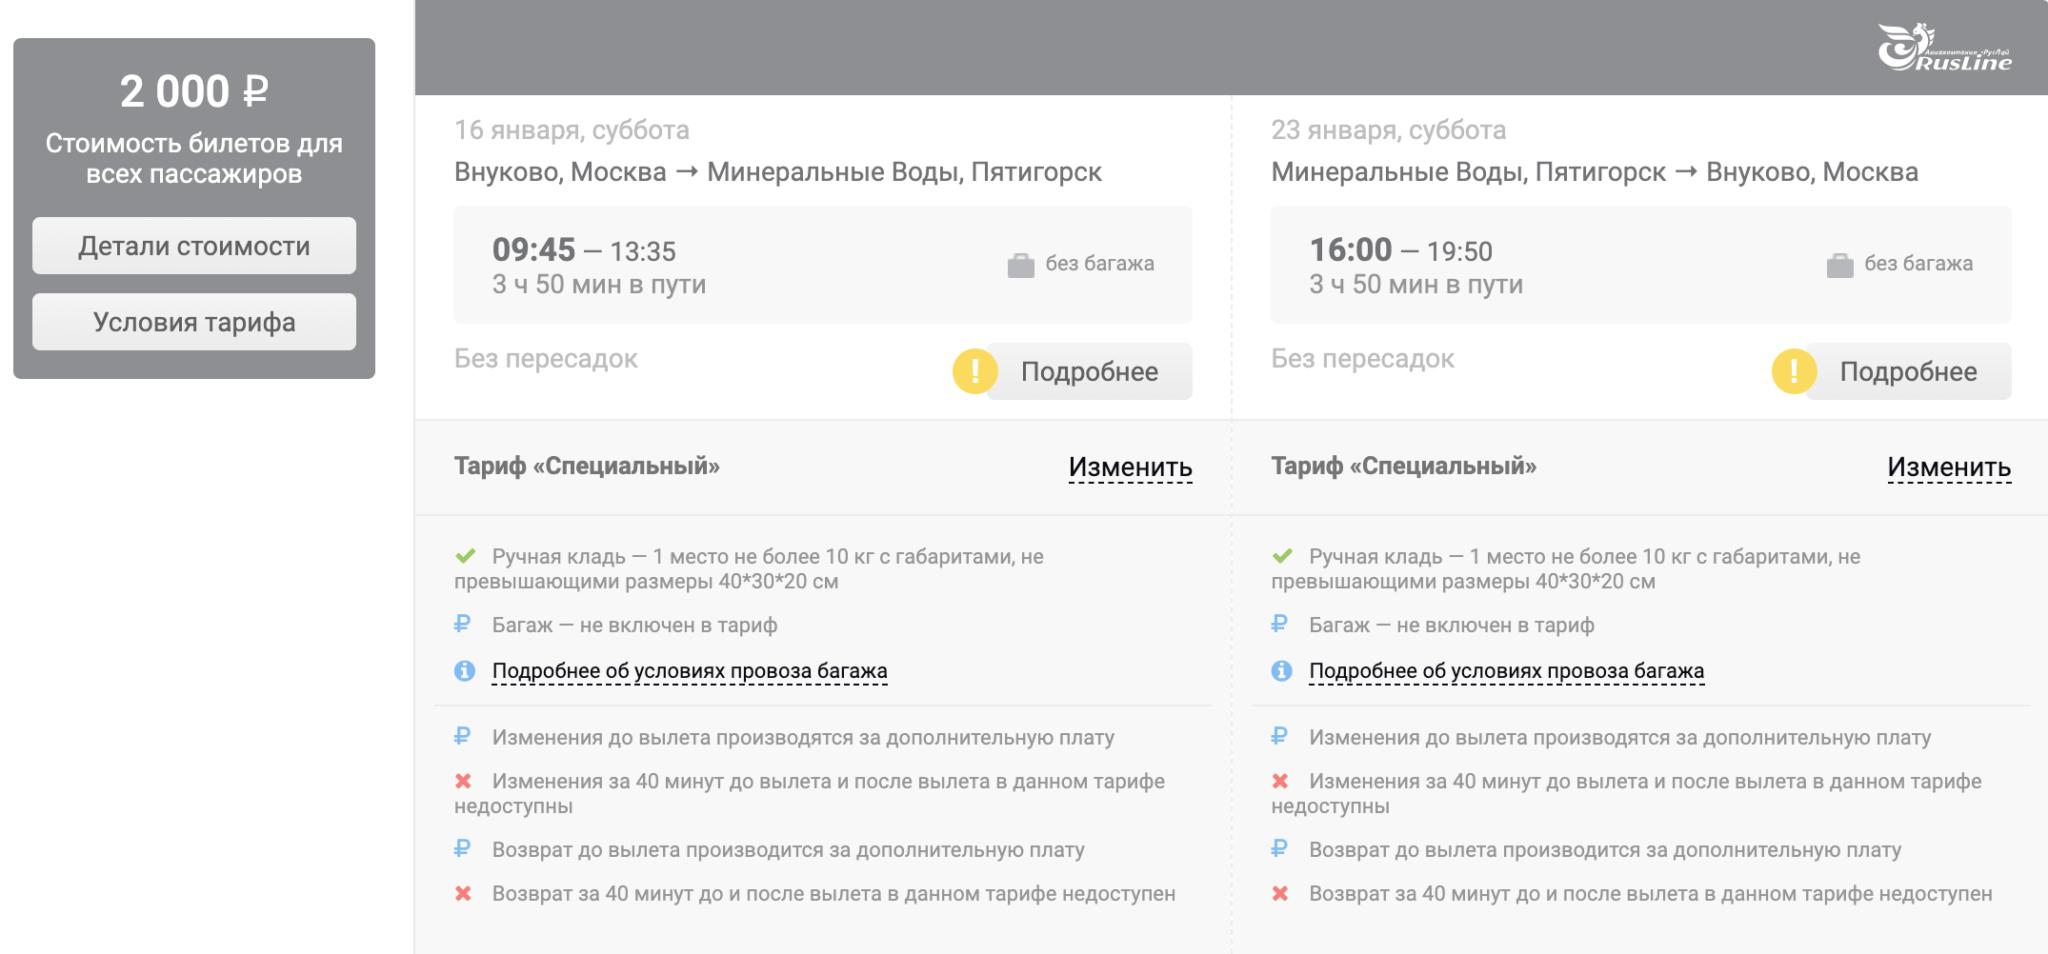 Rusline: дешевые рейсы из Москвы в Минводы и Курск за 2000₽ туда-обратно в январе